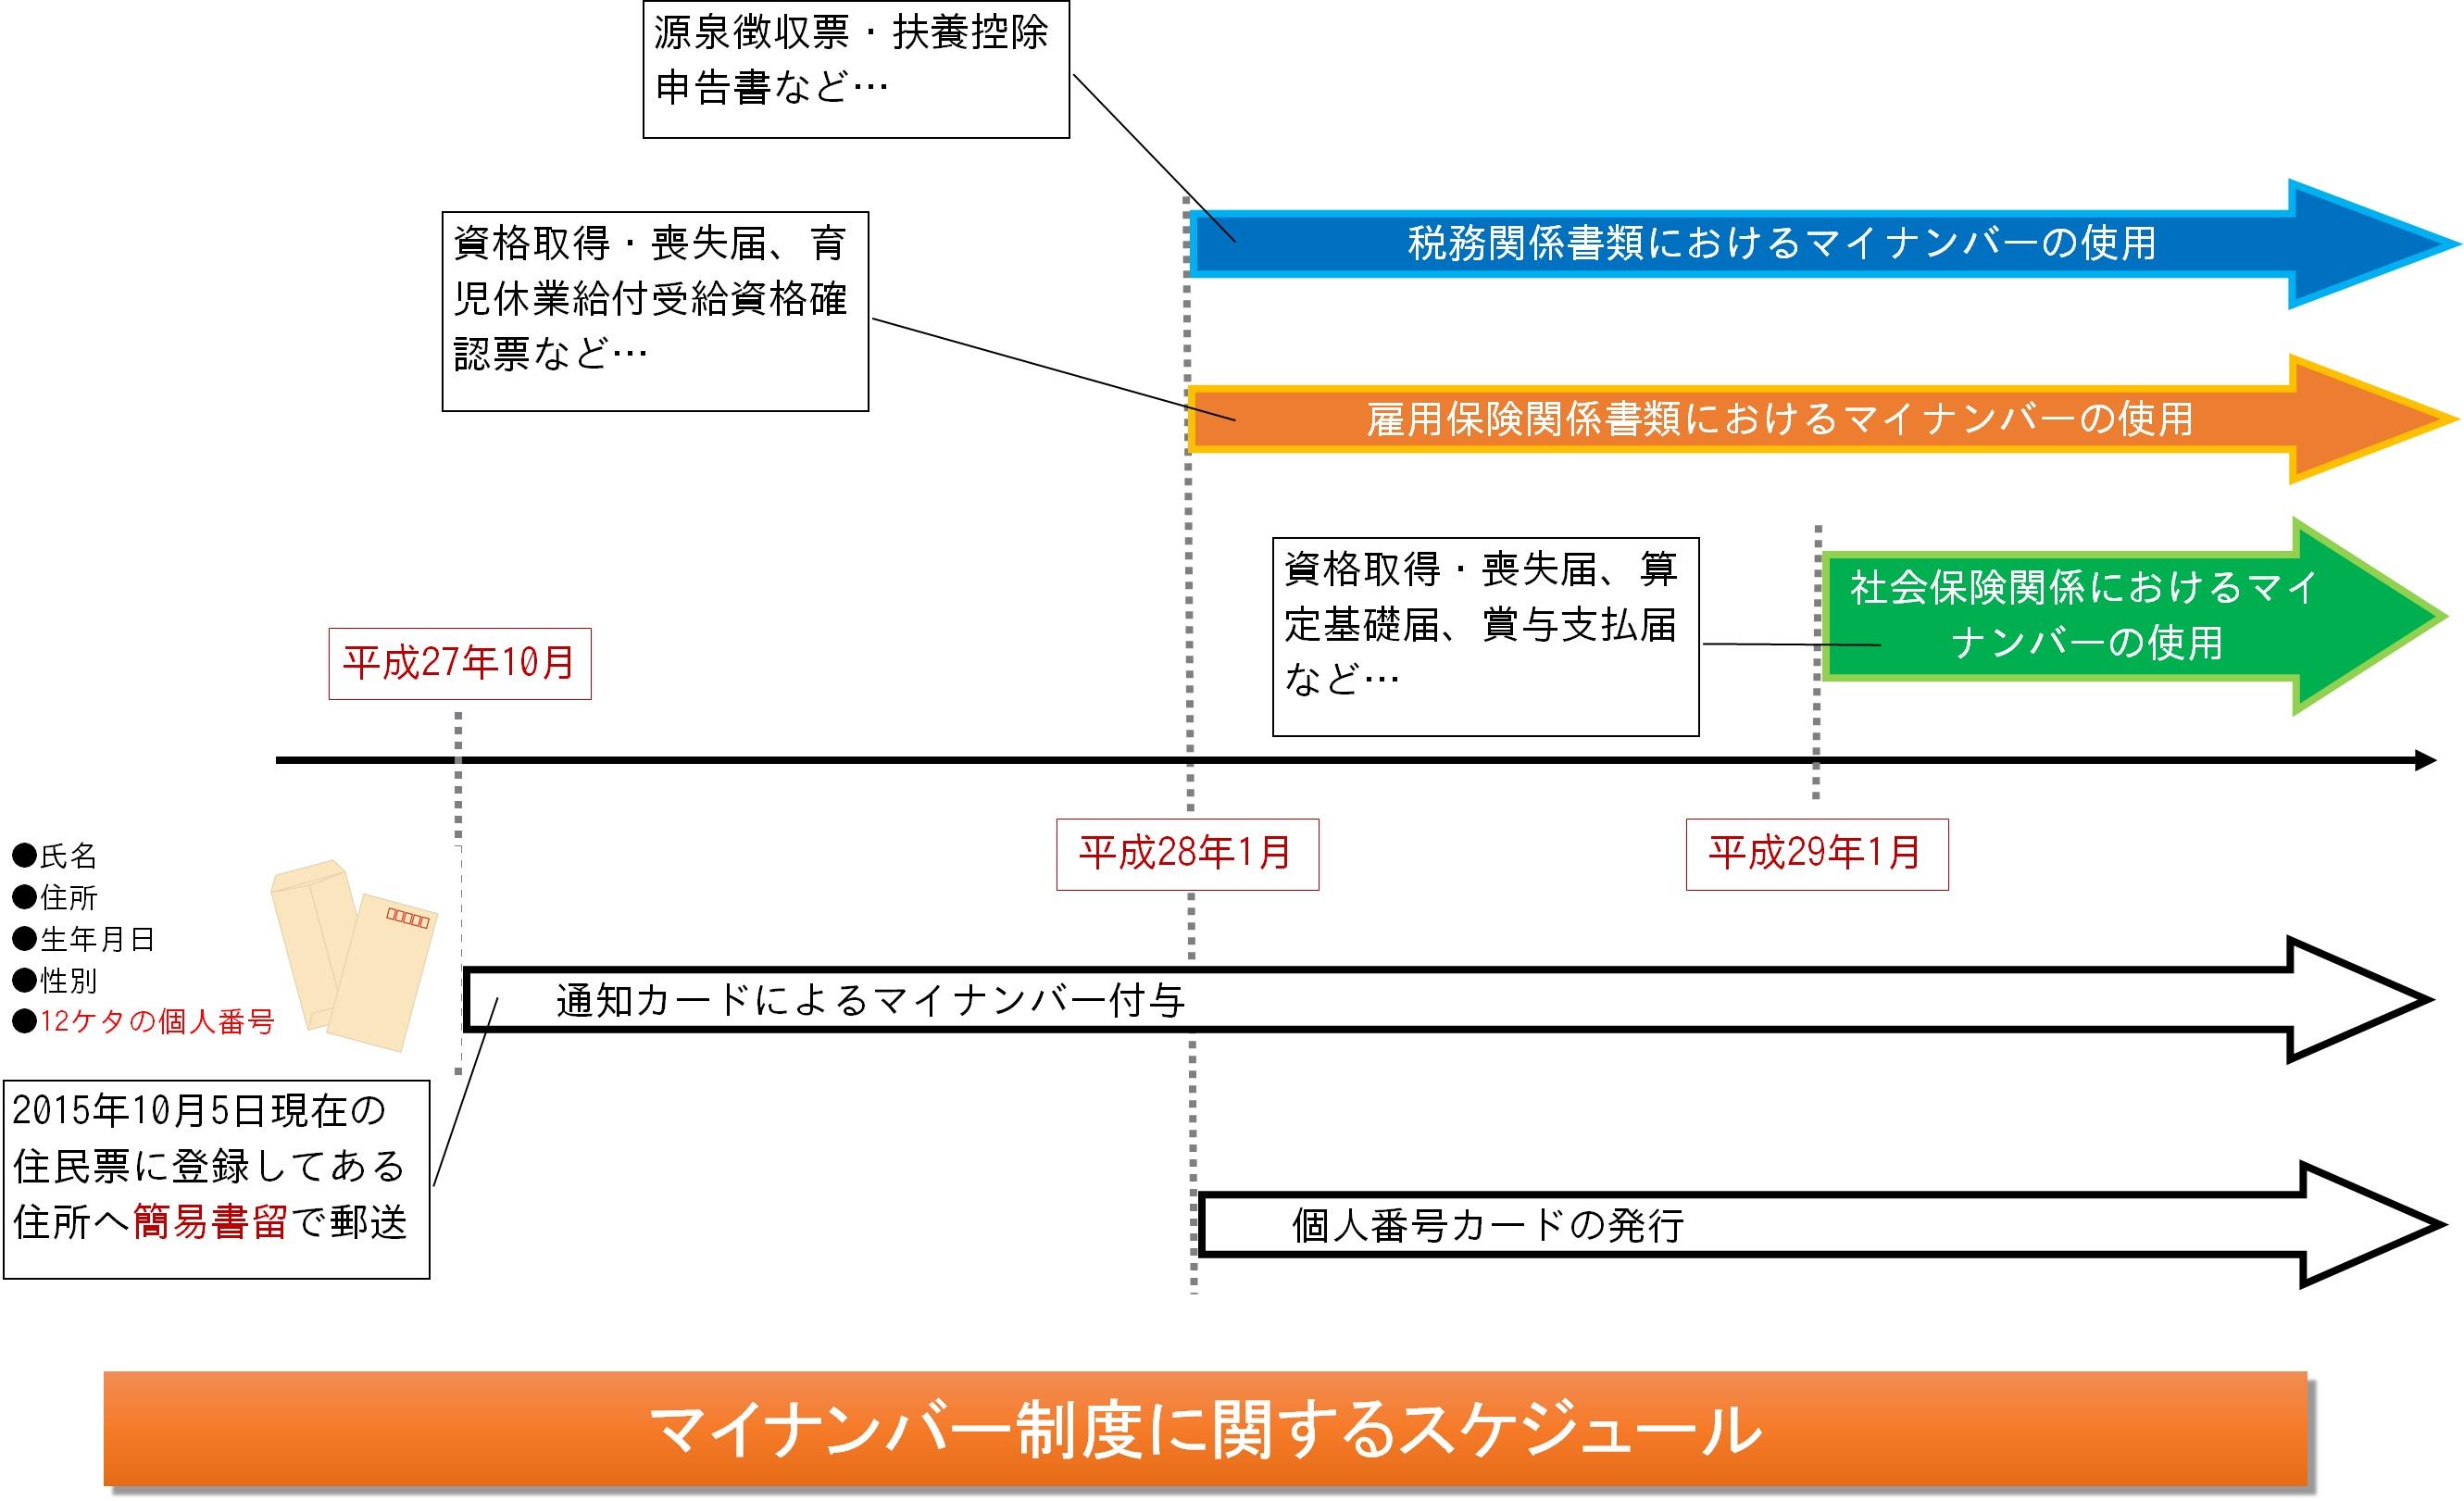 マイナンバー制度のスケジュール